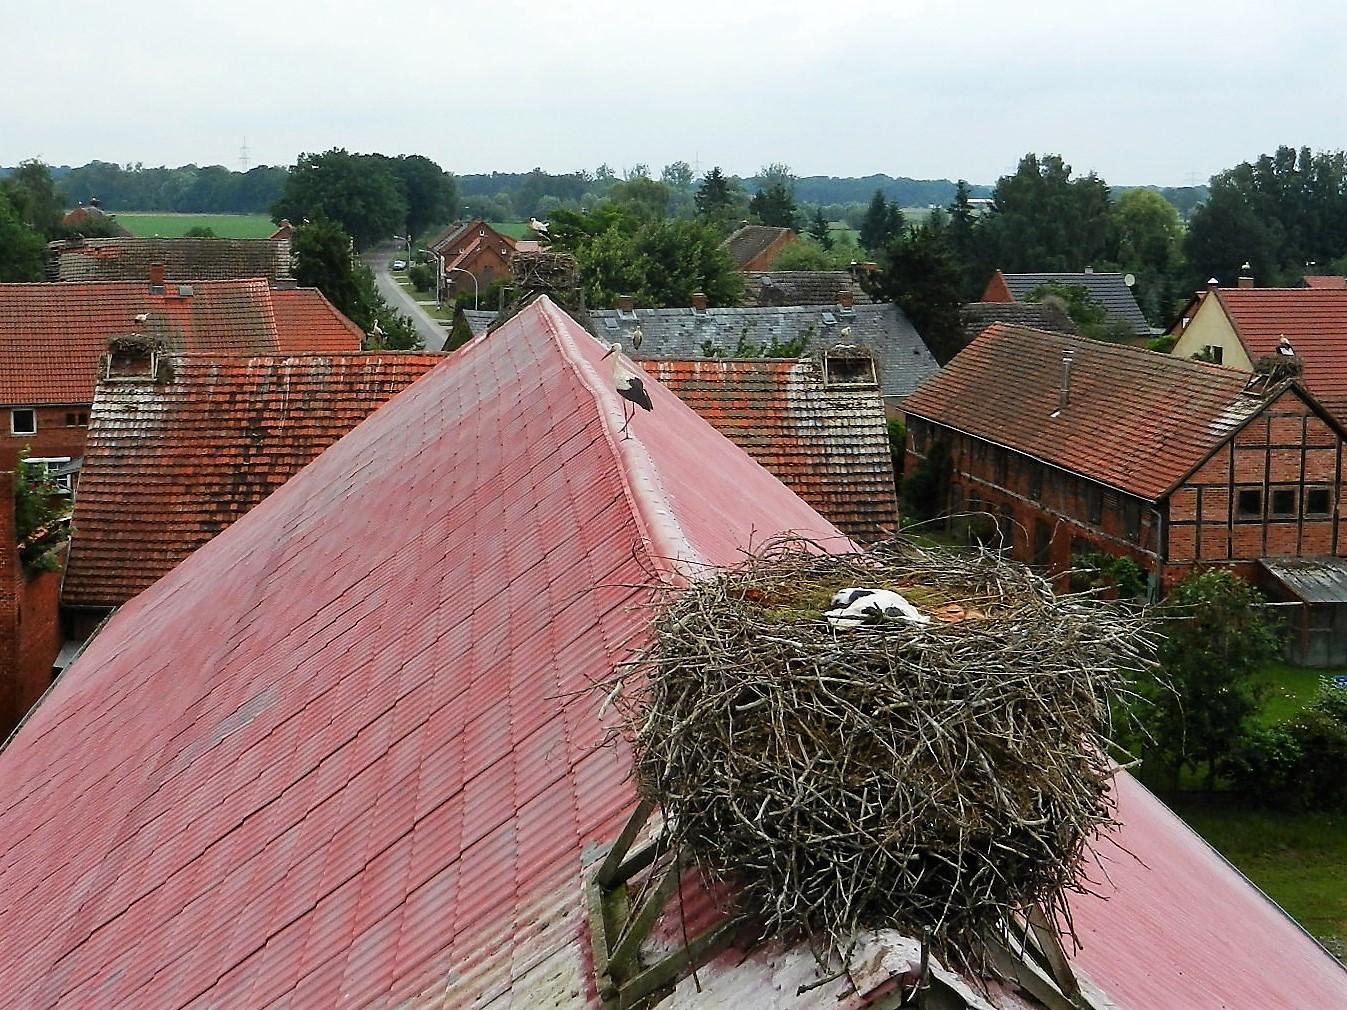 Beim Herannahen der Hebebühne verlässt der Altstorch das Nest und beobachtet das Treiben aus sicherer Entfernung